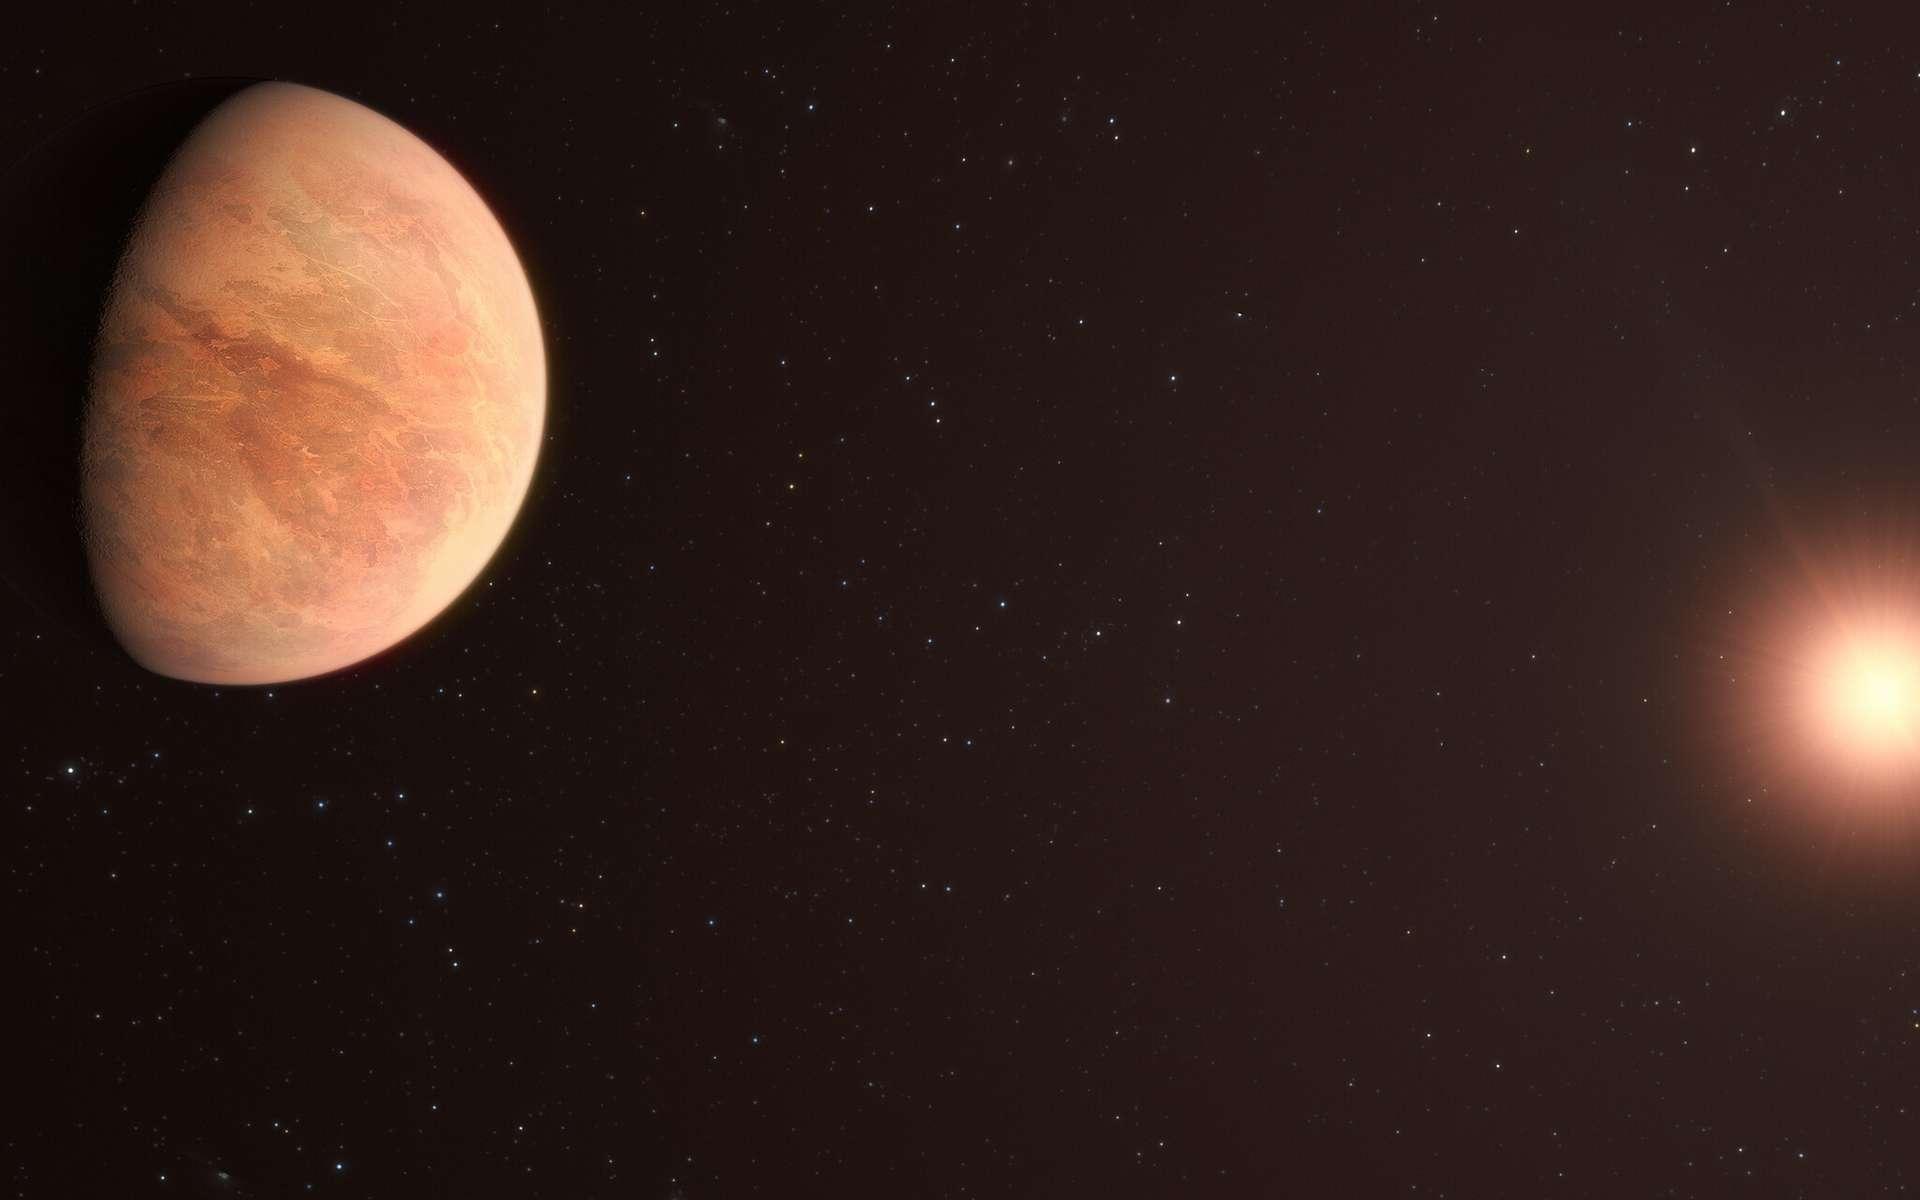 Cette vue d'artiste montre L 98-59b, l'une des planètes du système L 98-59 à 35 années-lumière. Le système contient quatre planètes rocheuses confirmées avec une cinquième potentielle, la plus éloignée de l'étoile, n'étant pas confirmée. En 2021, les astronomes ont utilisé les données de l'instrument Espresso (Echelle SPectrograph for Rocky Exoplanets and Stable Spectroscopic Observations) sur le VLT de l'ESO pour mesurer la masse de L 98-59 b, trouvant qu'elle était la moitié de celle de Vénus. Cela en fait la planète la plus légère mesurée à ce jour en utilisant la technique de la vitesse radiale. © ESO, M. Kornmesser